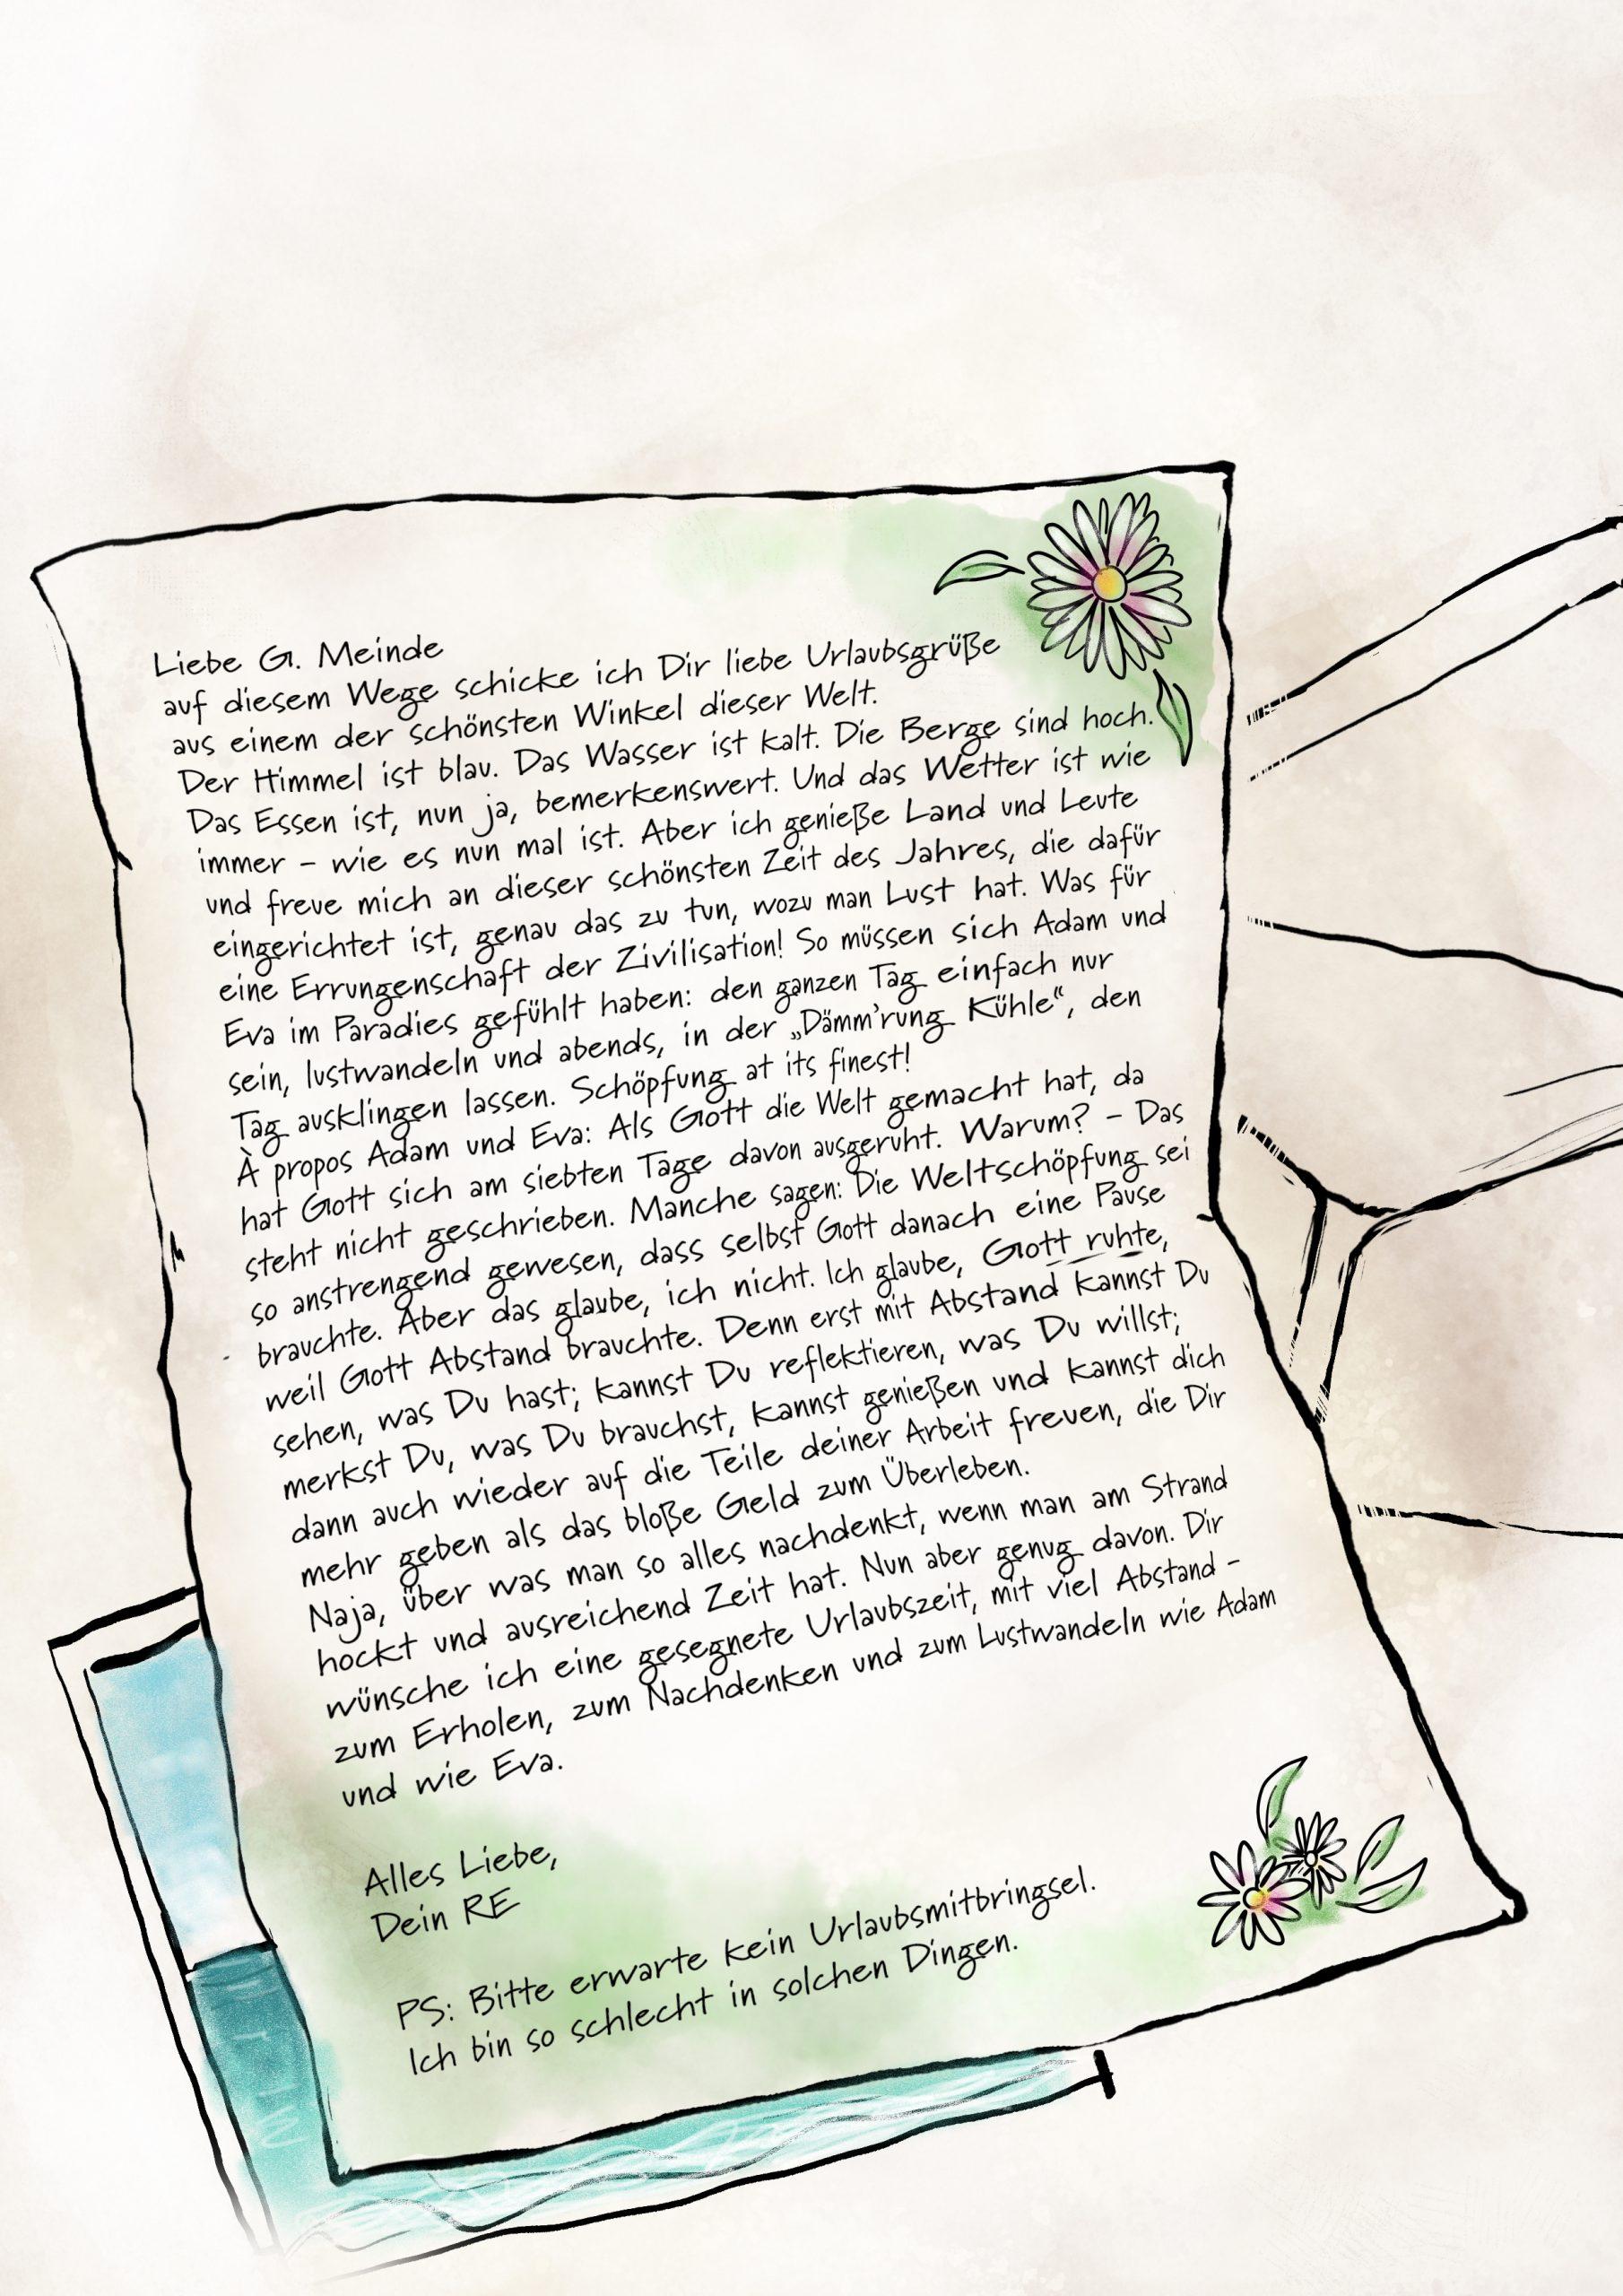 Gemeindebrief als Skizze